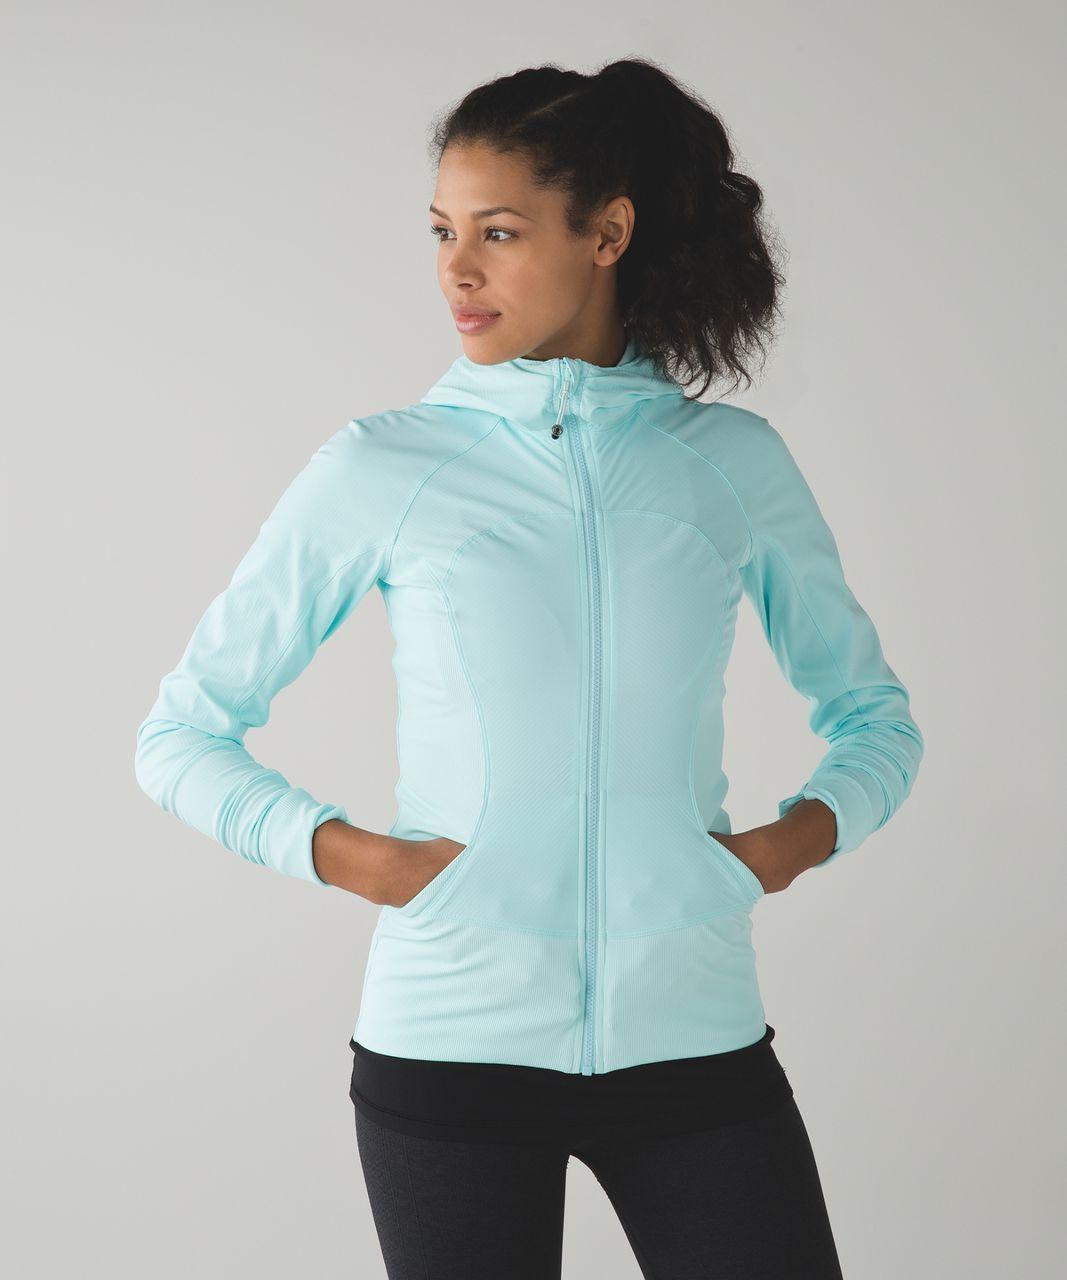 Lululemon In Flux Jacket - Aquamarine